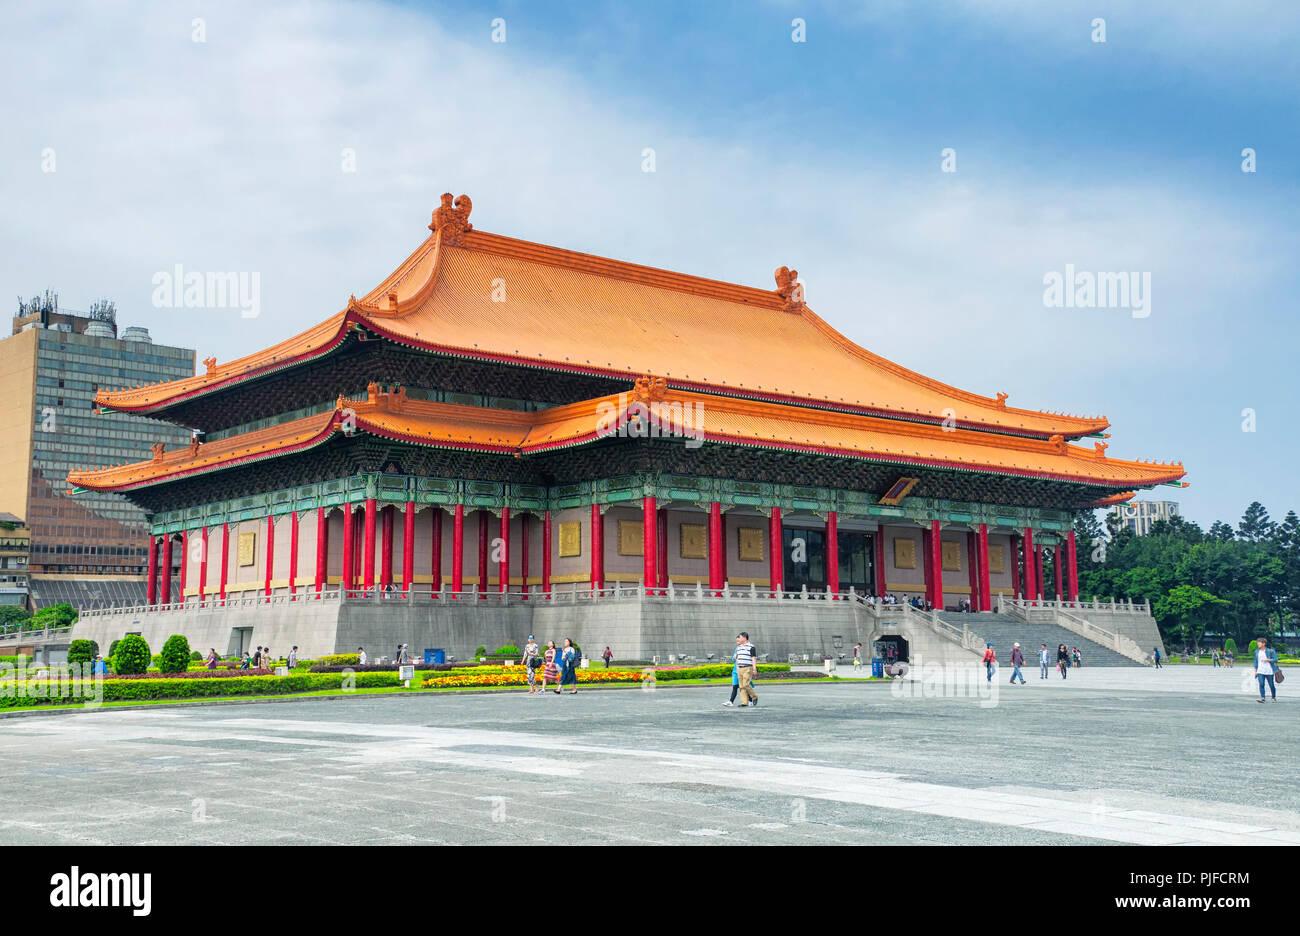 Le 31 mars 2018. Taipei, Taiwan. Les touristes visitant la place de la liberté à proximité du théâtre national située sur la ville de Taipei, Taiwan. Photo Stock